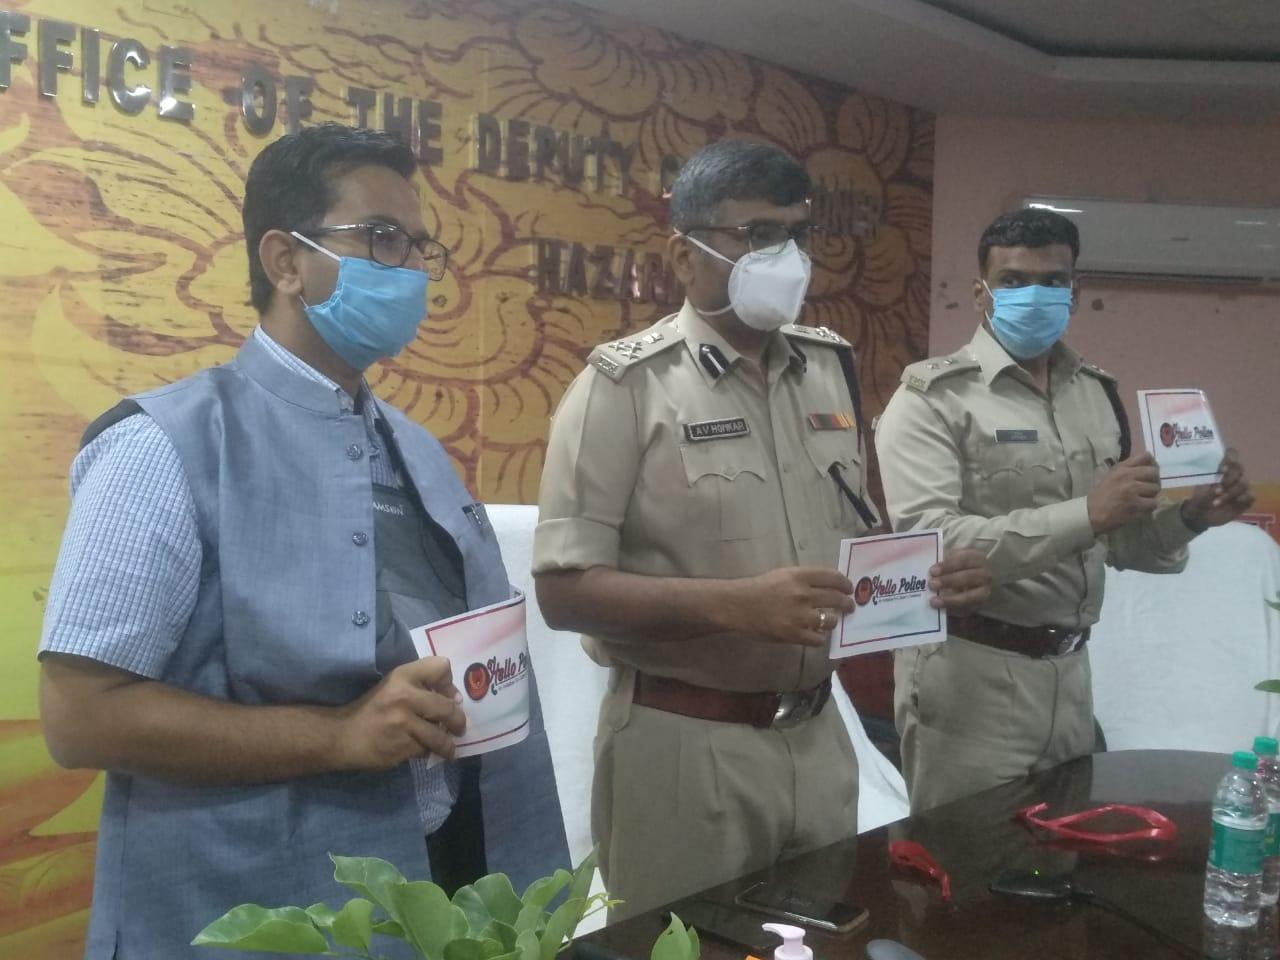 Hello Police-झारखण्ड पुलिस के तरफ से पुलिस डिलिवरी तंत्र को बेहतरीन करने के लिए ली गई अनोखी पहल।